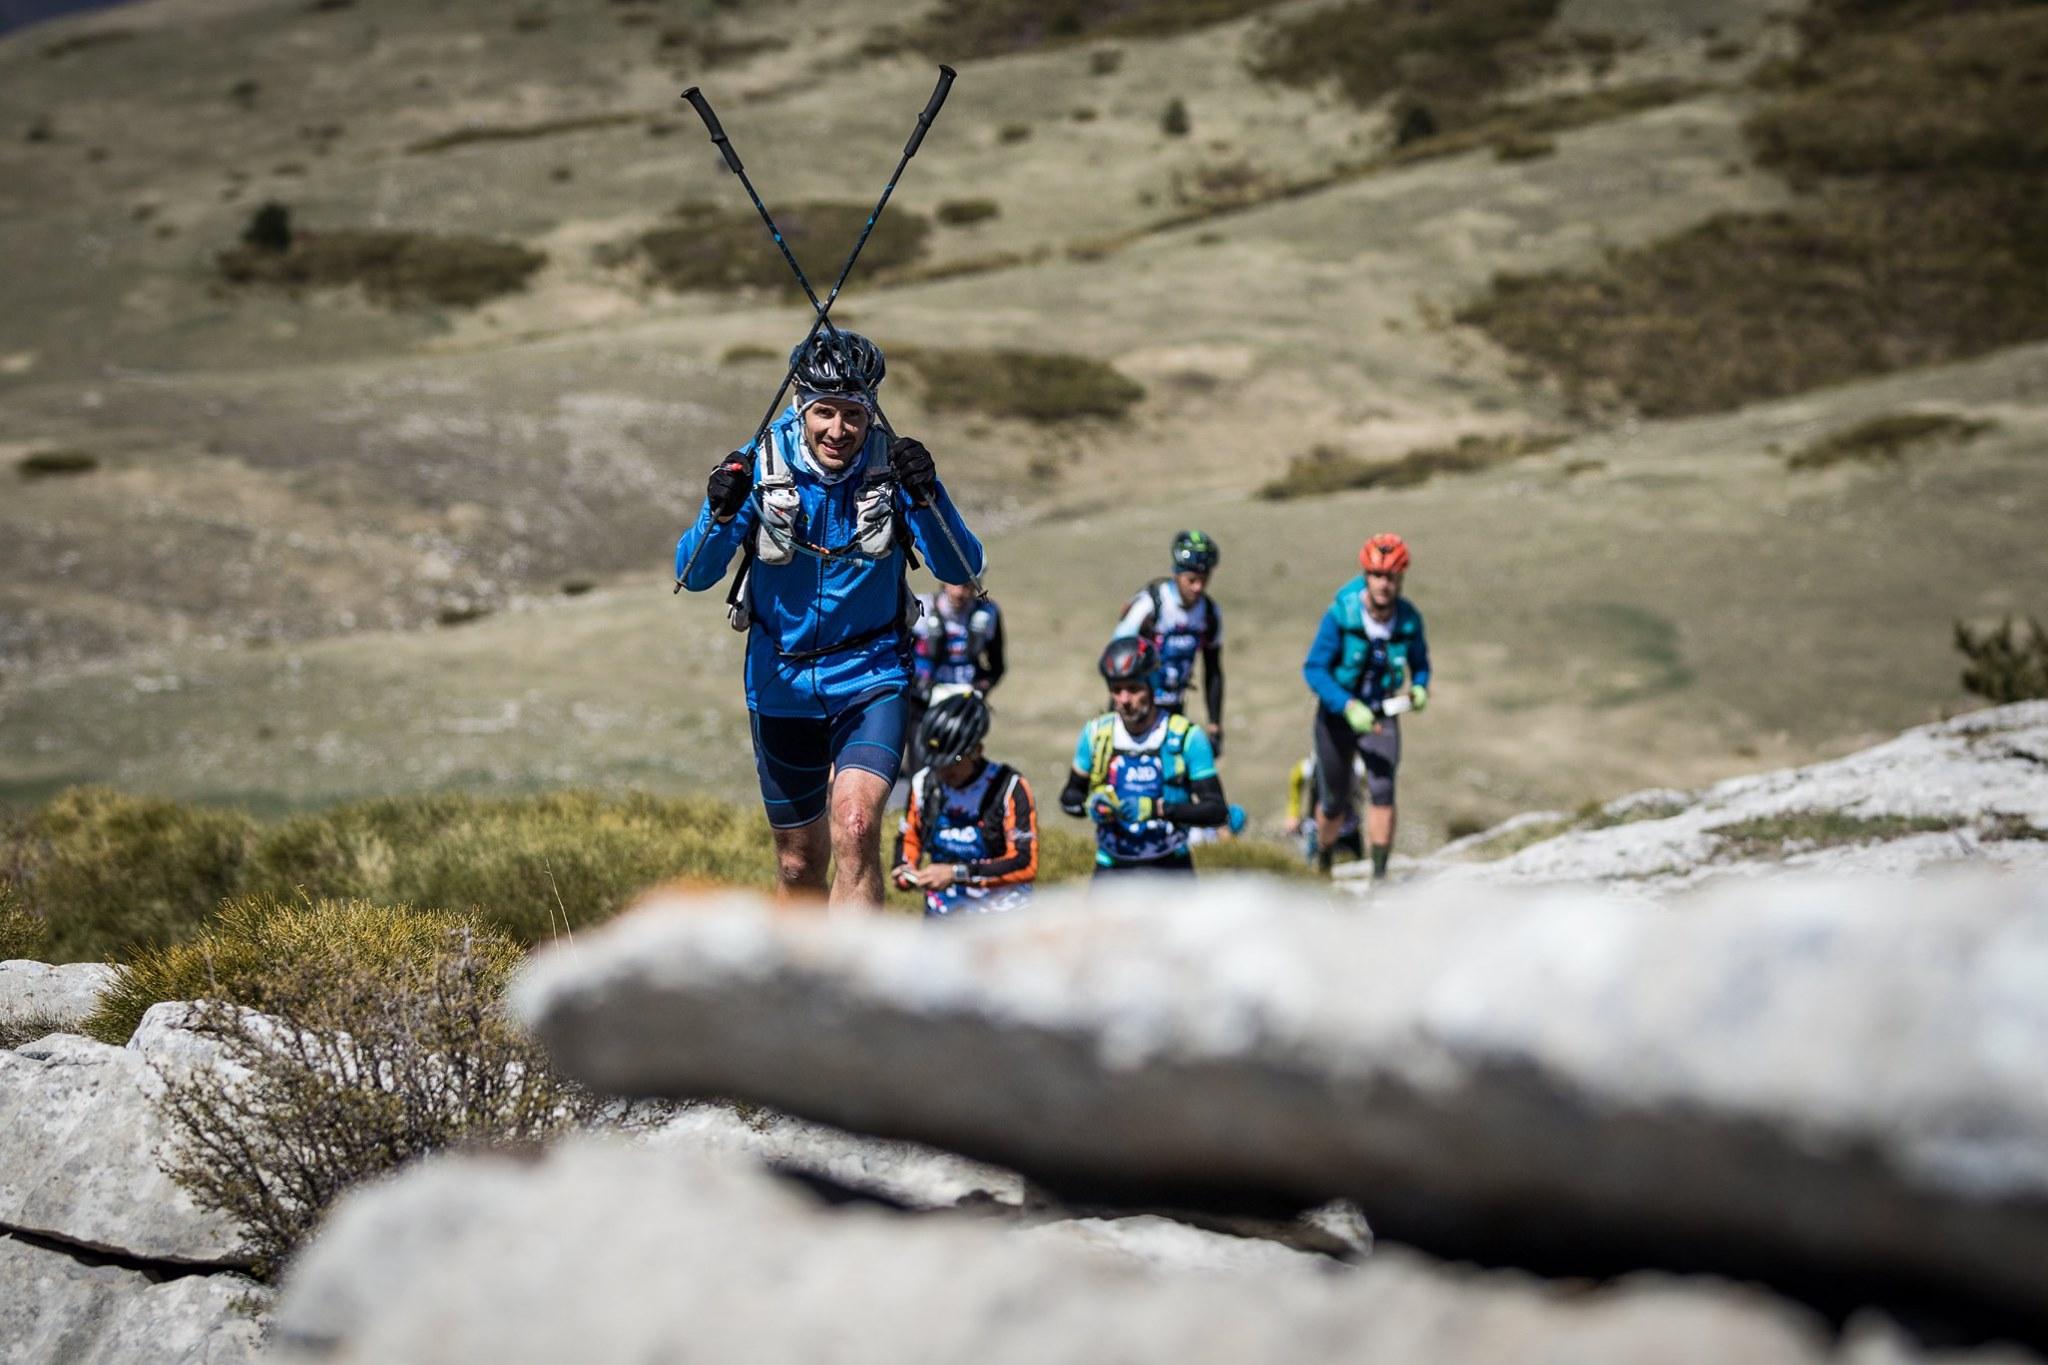 Calendrier Raid Multisport 2019.Le Retour Au Source Des Loups A La Montagne Au Paca Raid